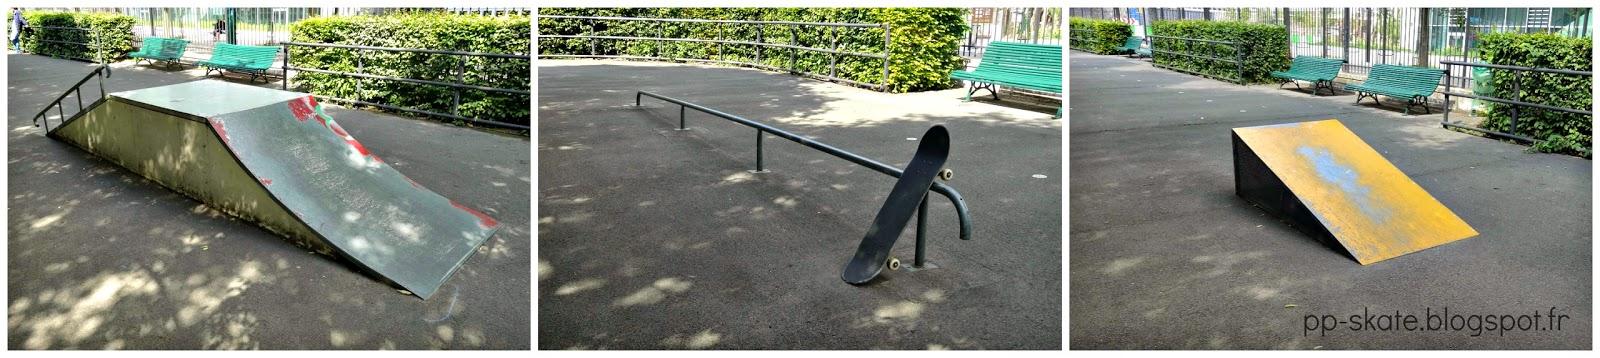 Paris 75019 a c t de l 39 egp le skatepark inconnu de porte de la chapelle jackspots - Le five porte de la chapelle ...